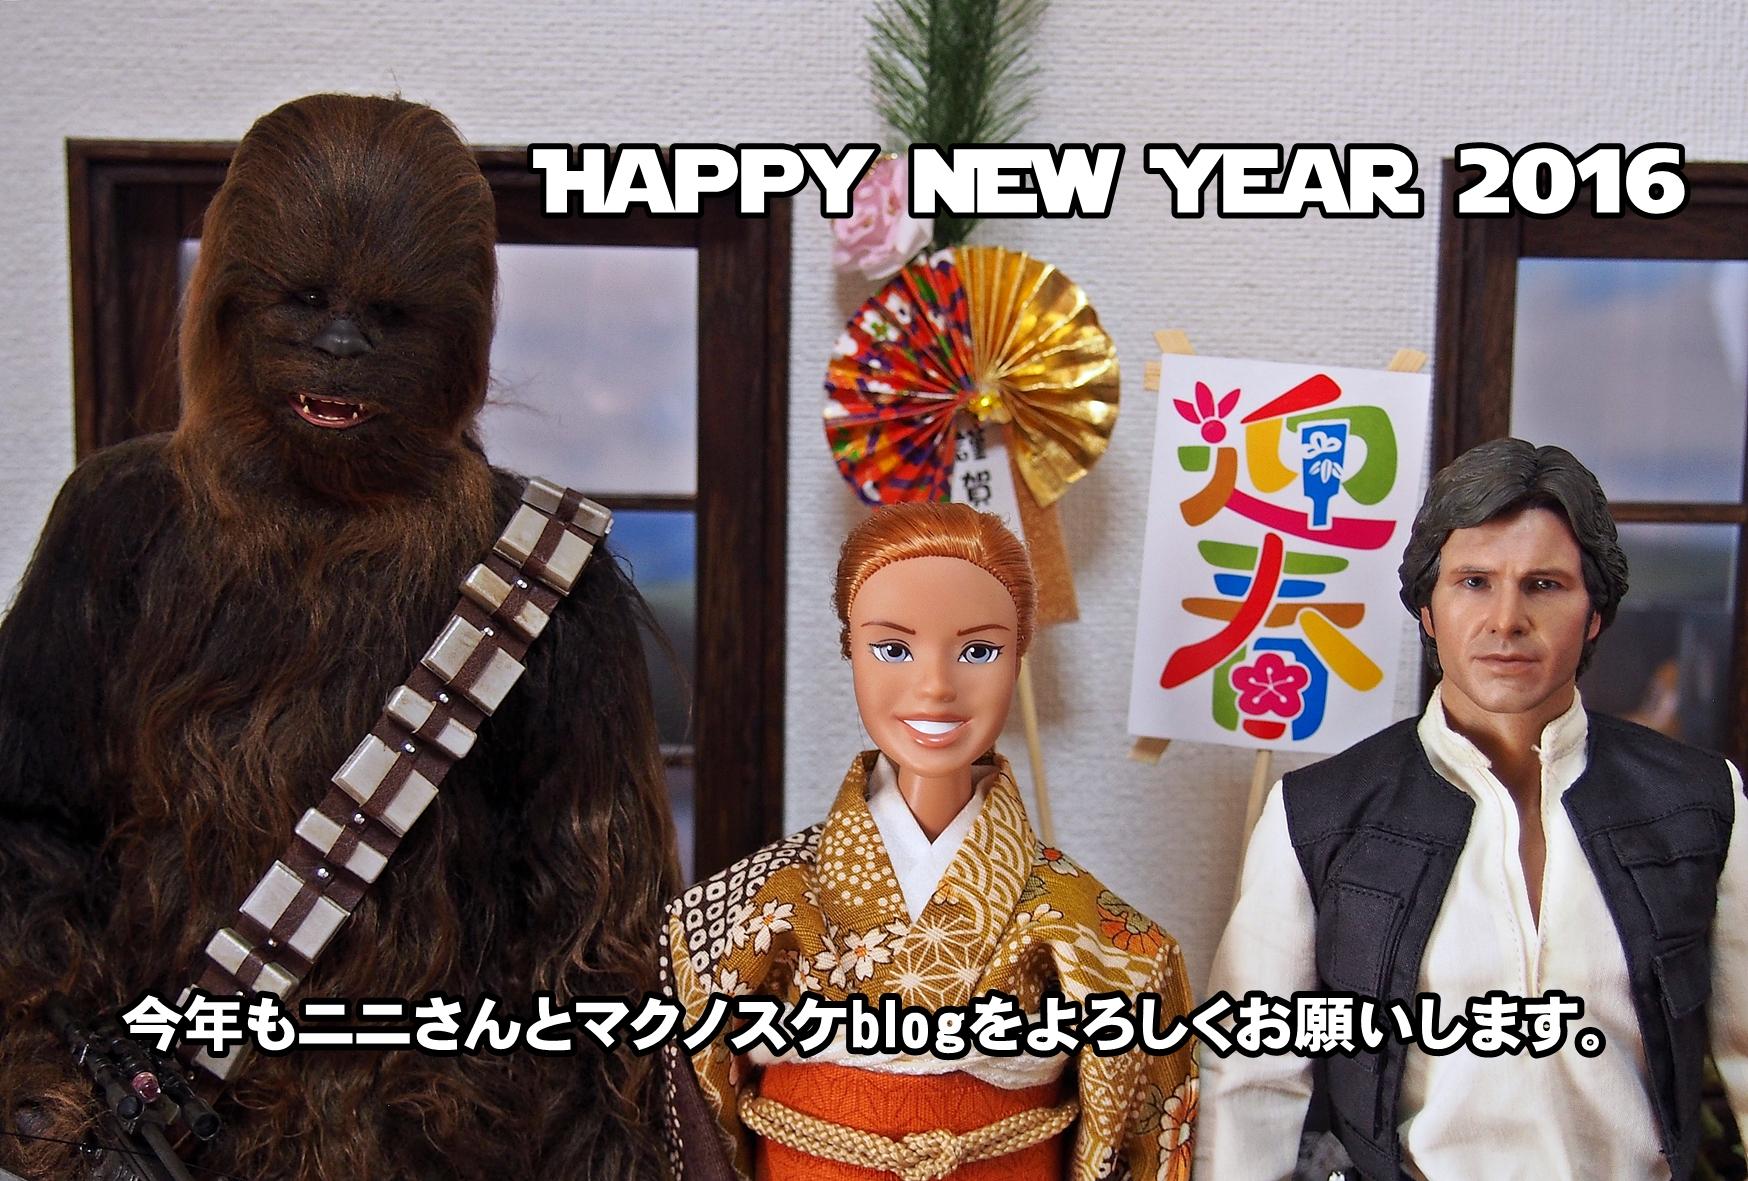 nenga-20160101-01.jpg